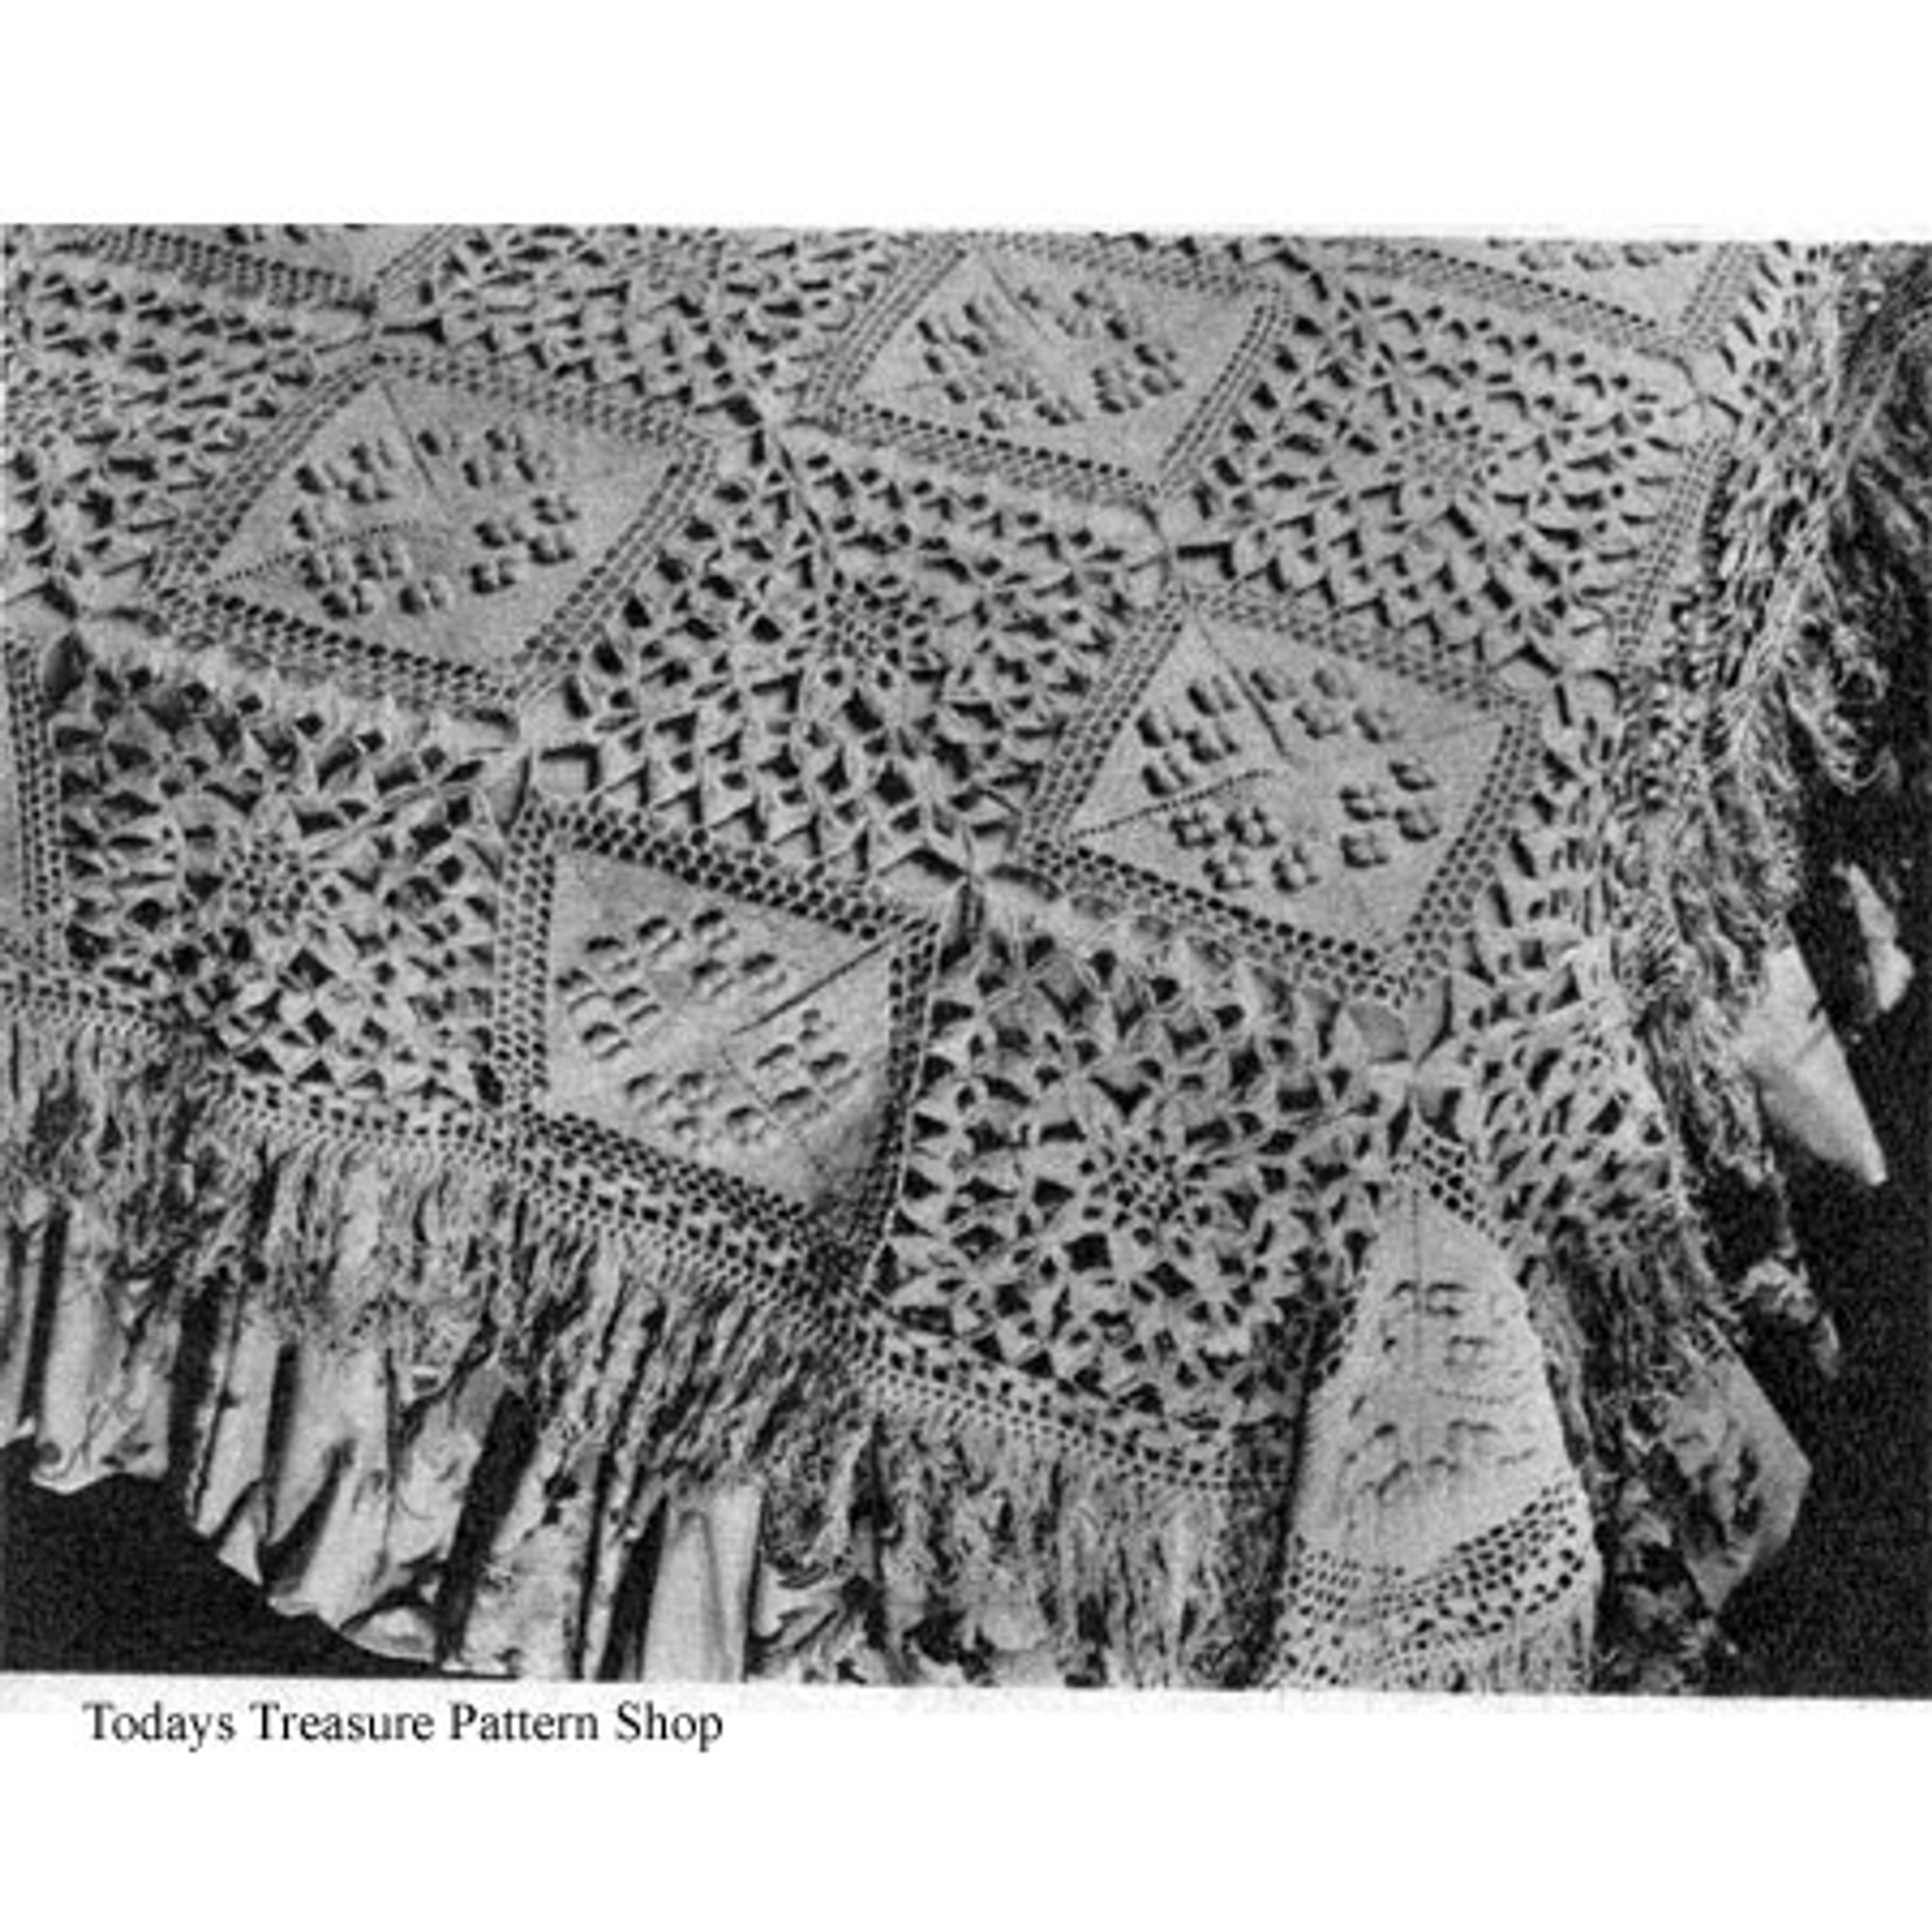 Vintage Crochet PATTERN MOTIF Block Bedspread S Popcorn